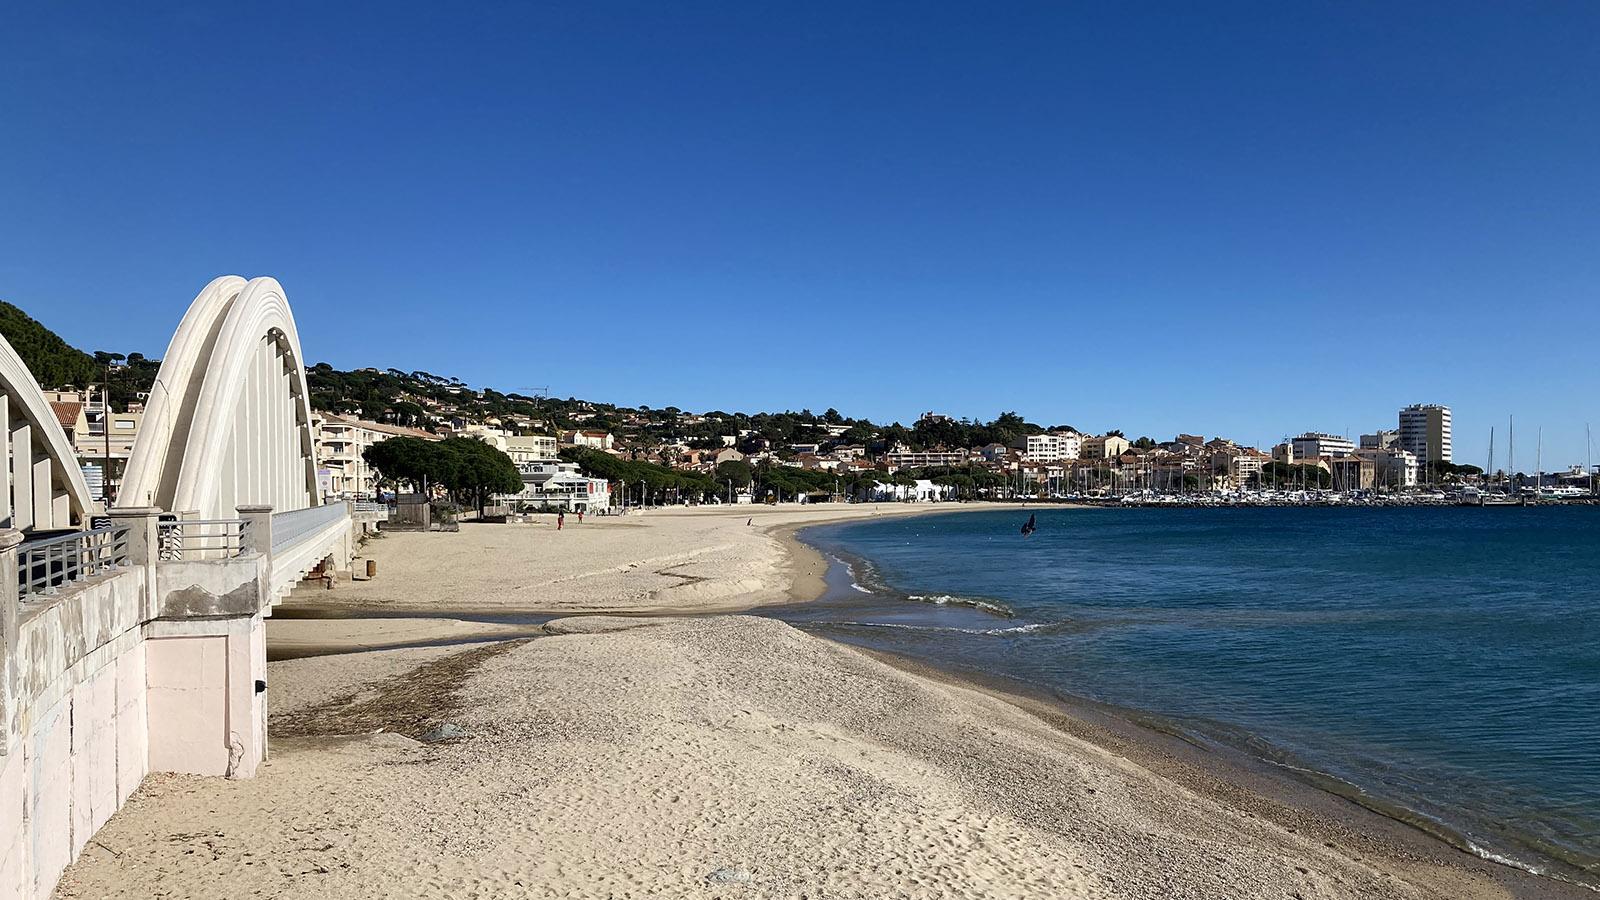 Der Stadtstrand von Sainte-Maxime. Foto: Walter Kellner